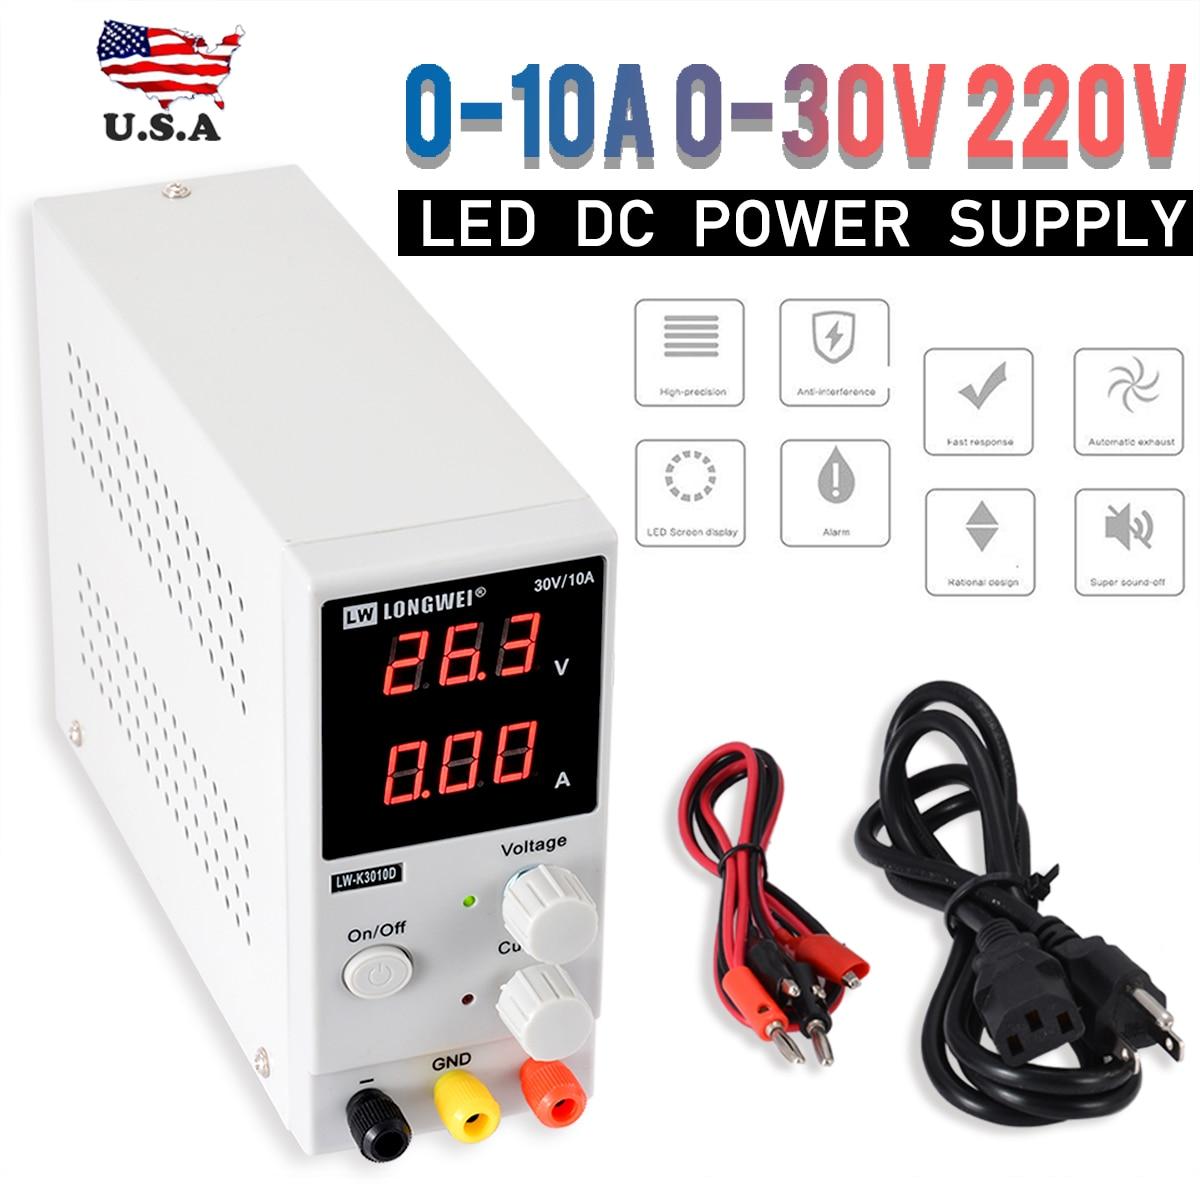 Nouveau 0-10A 0-30V 220V LED DC réglable précision Variable alimentation numérique laboratoire alimentation Max.300W Durable